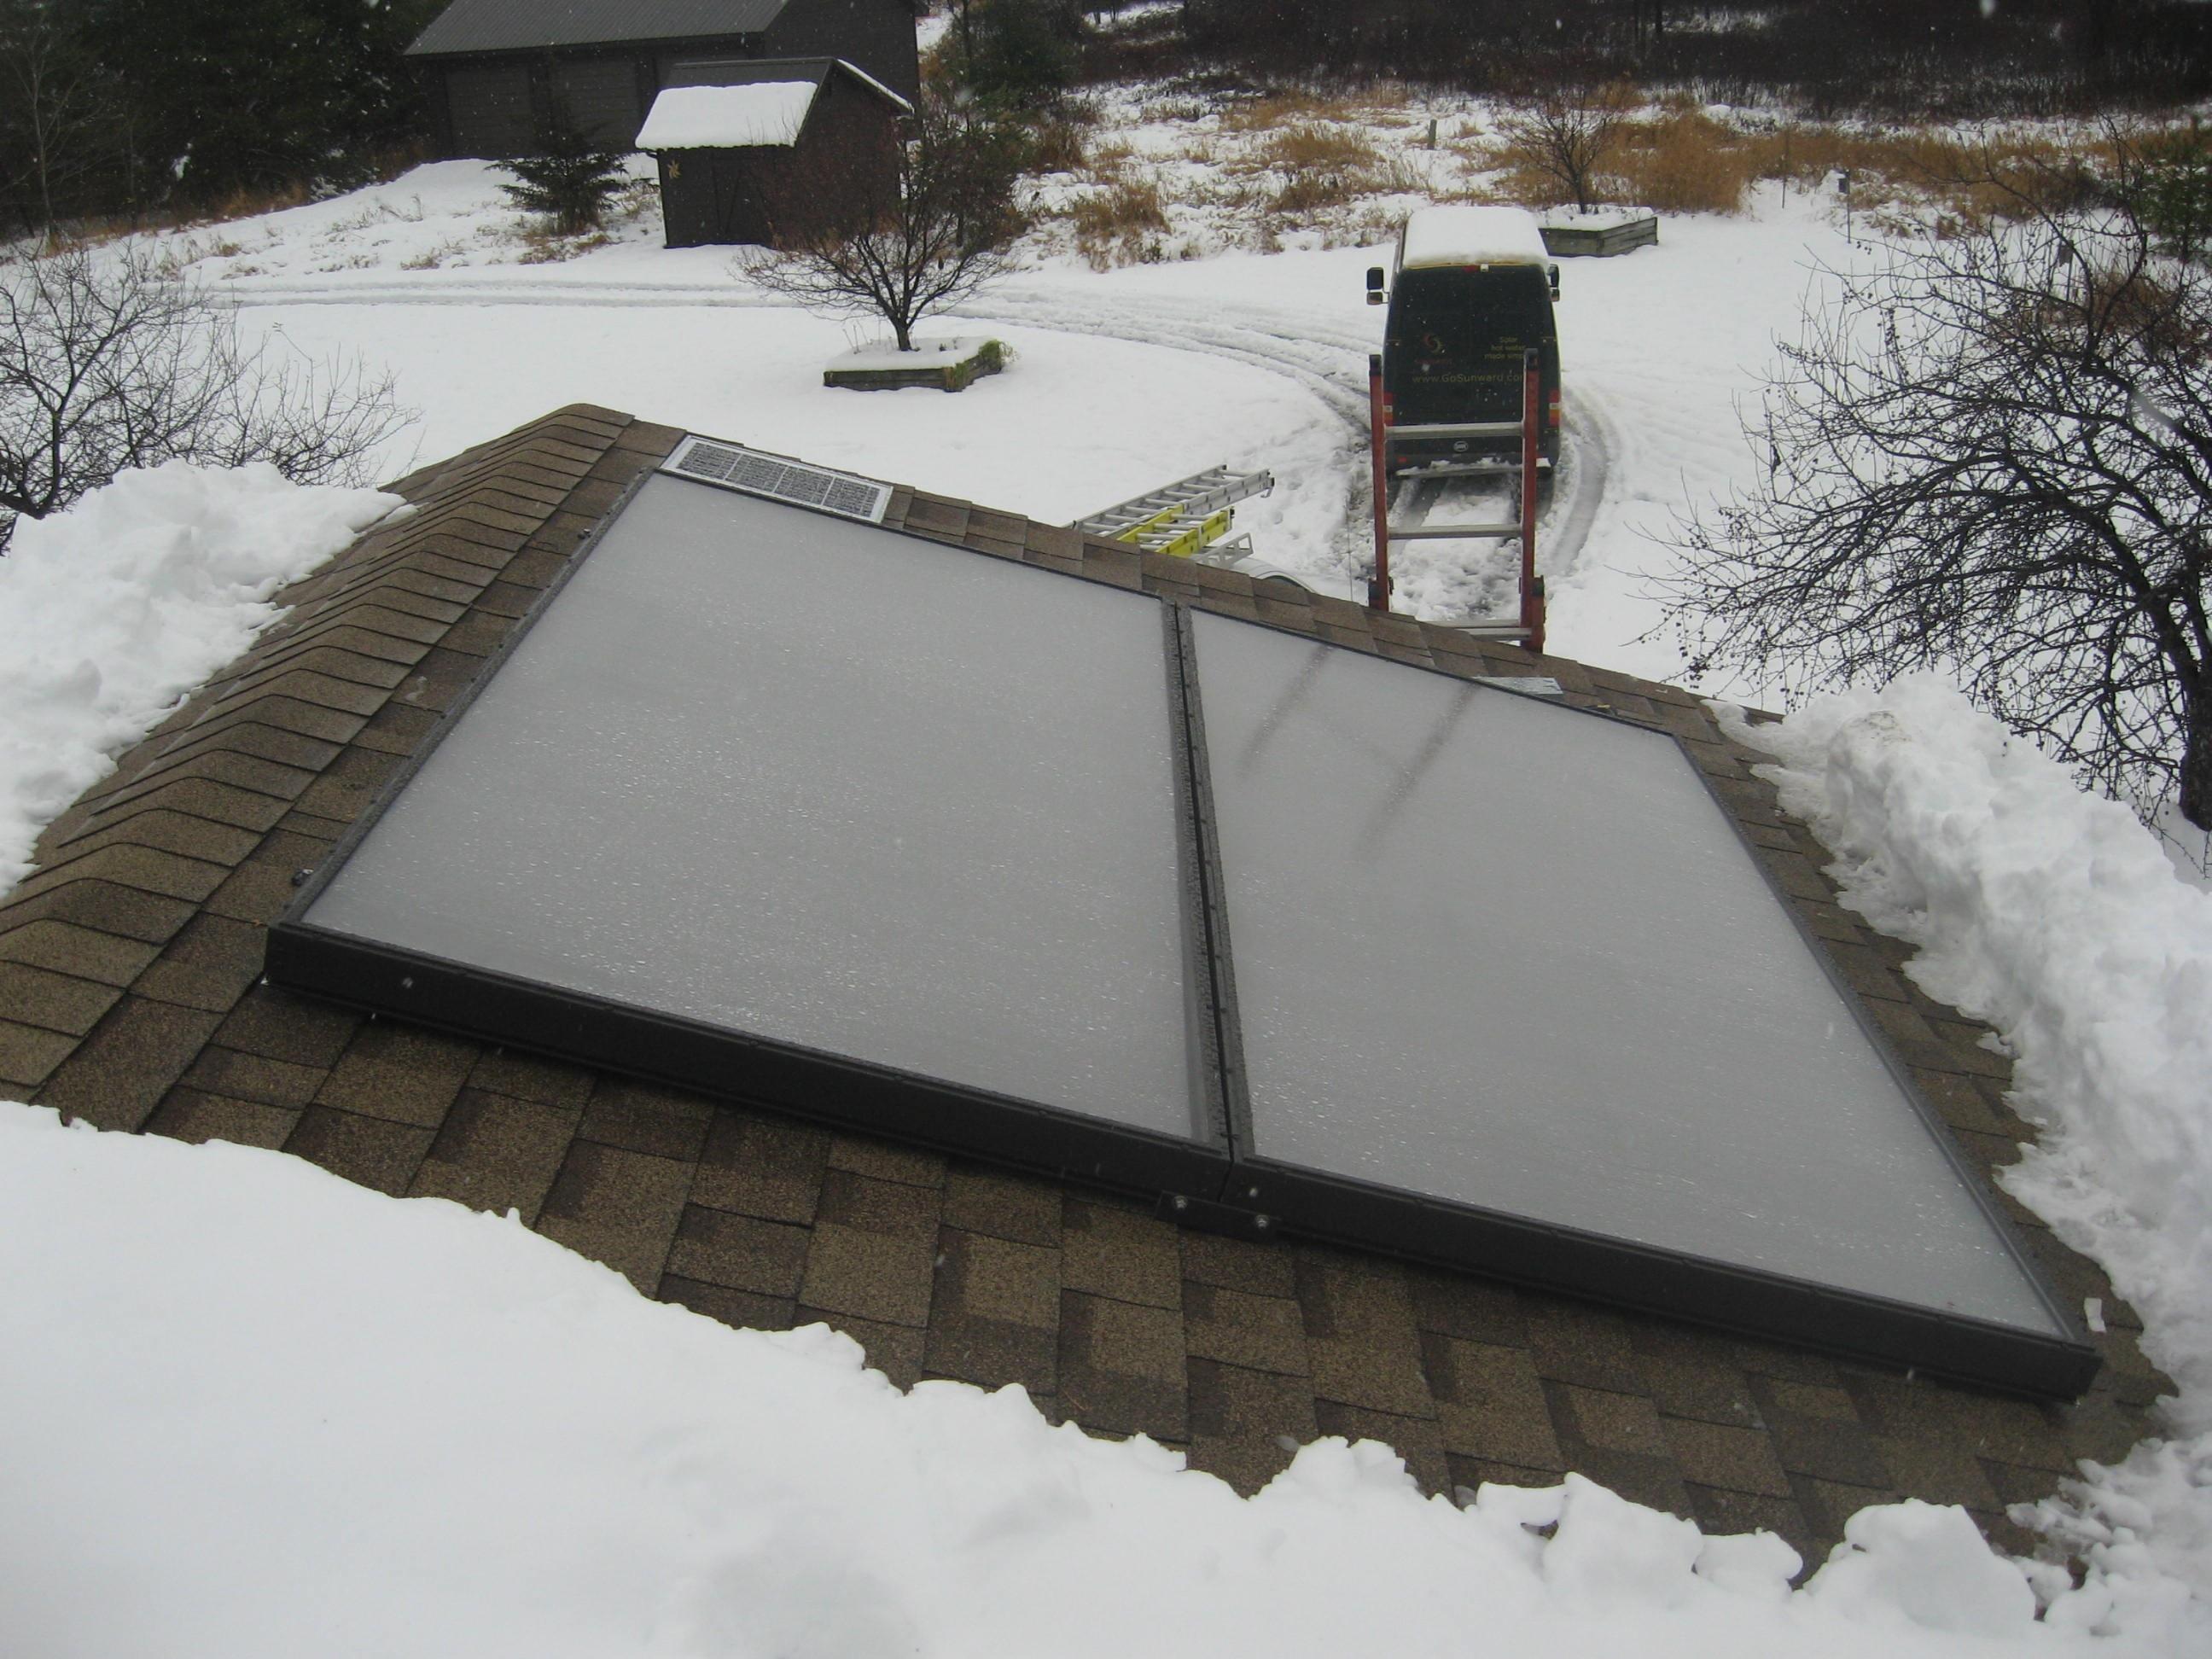 2011-Cutler-winter-installation.jpg